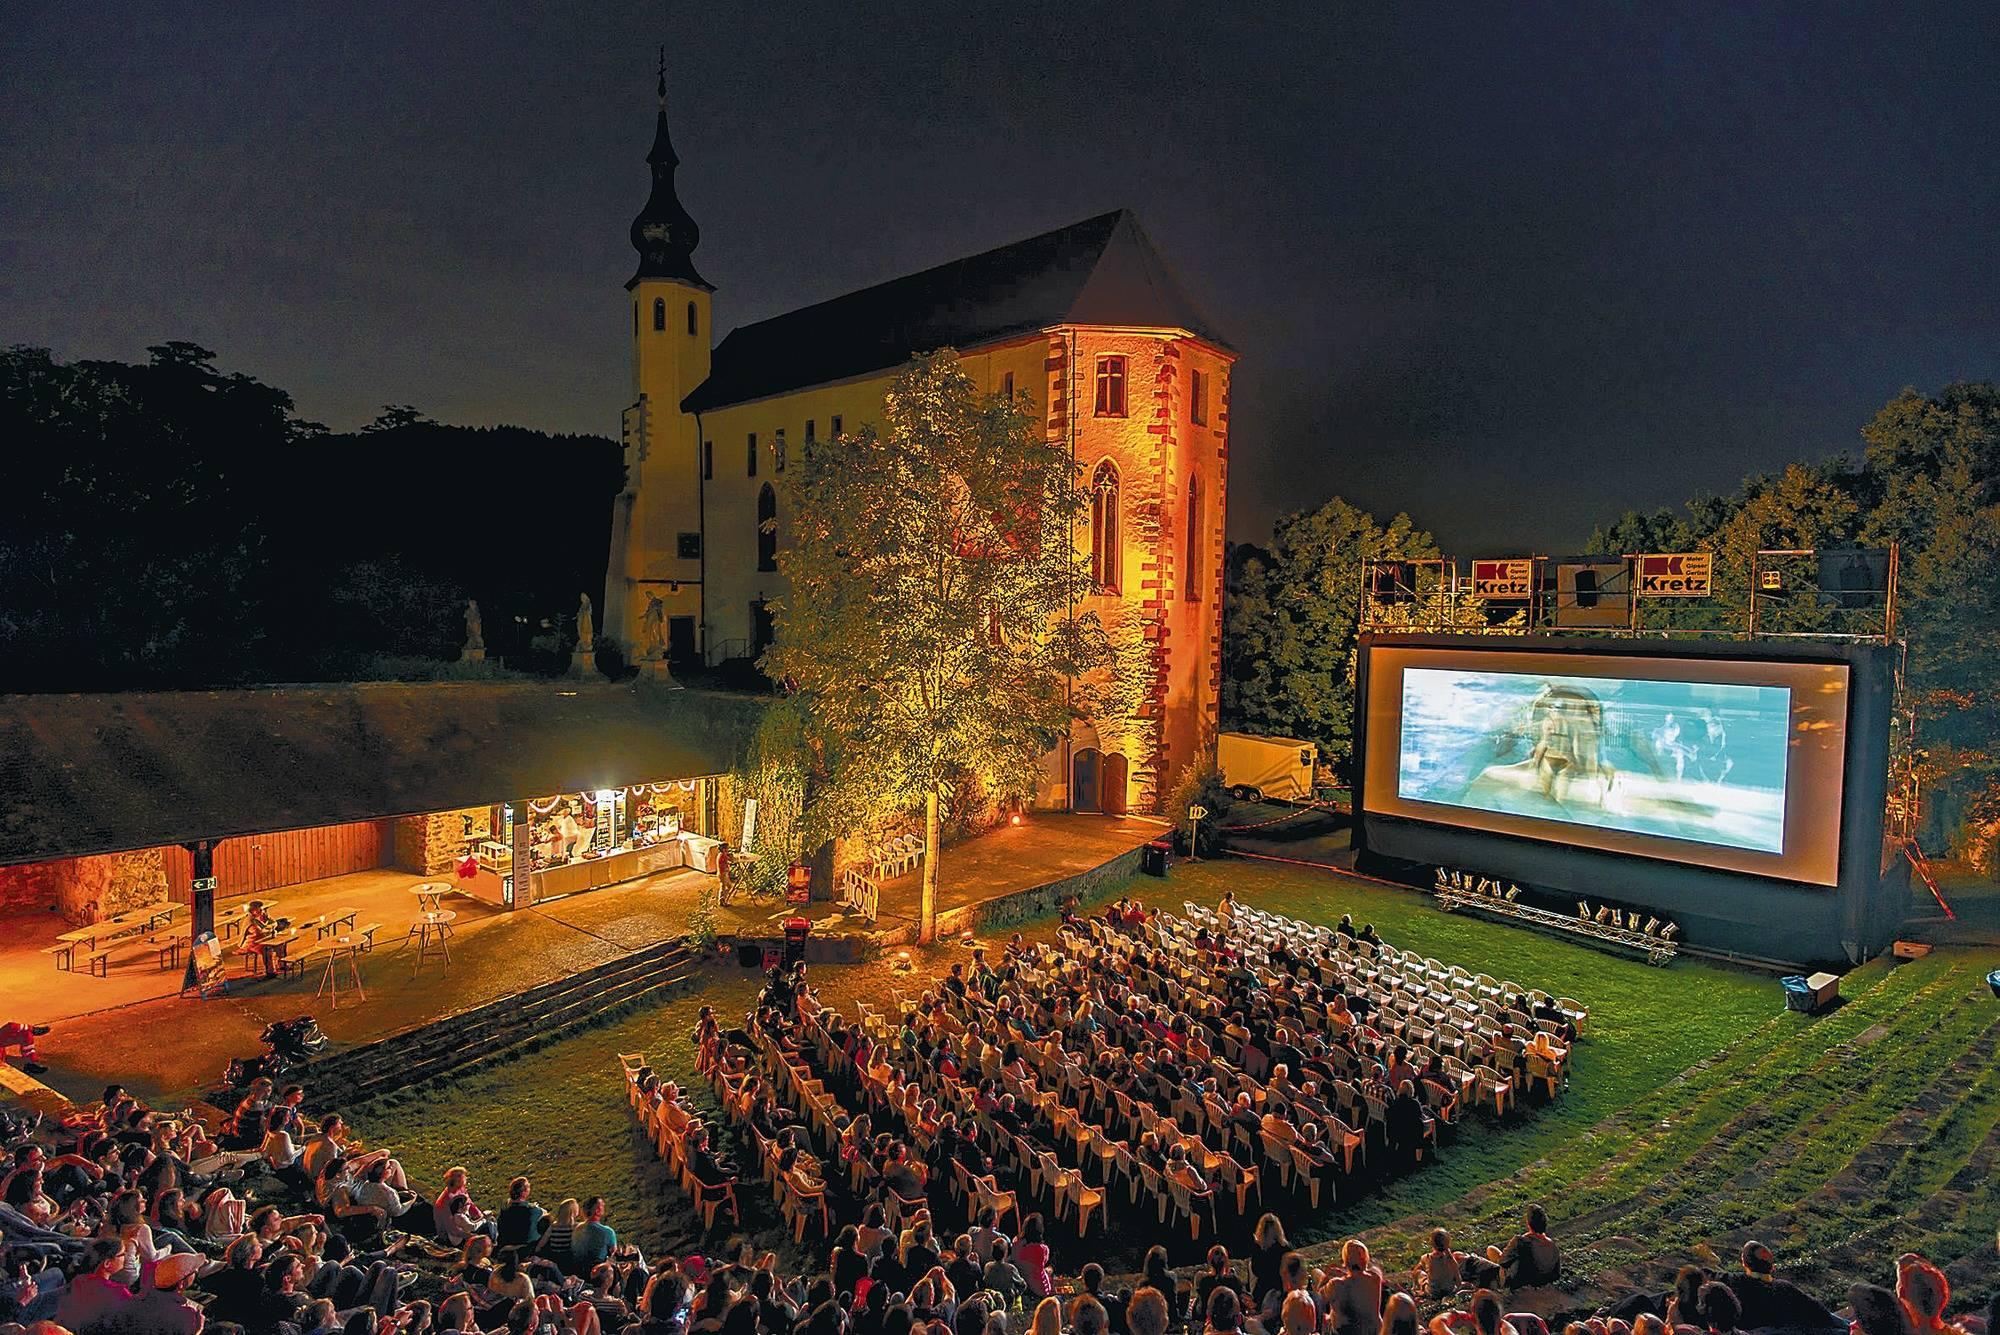 Neckarelz Kino